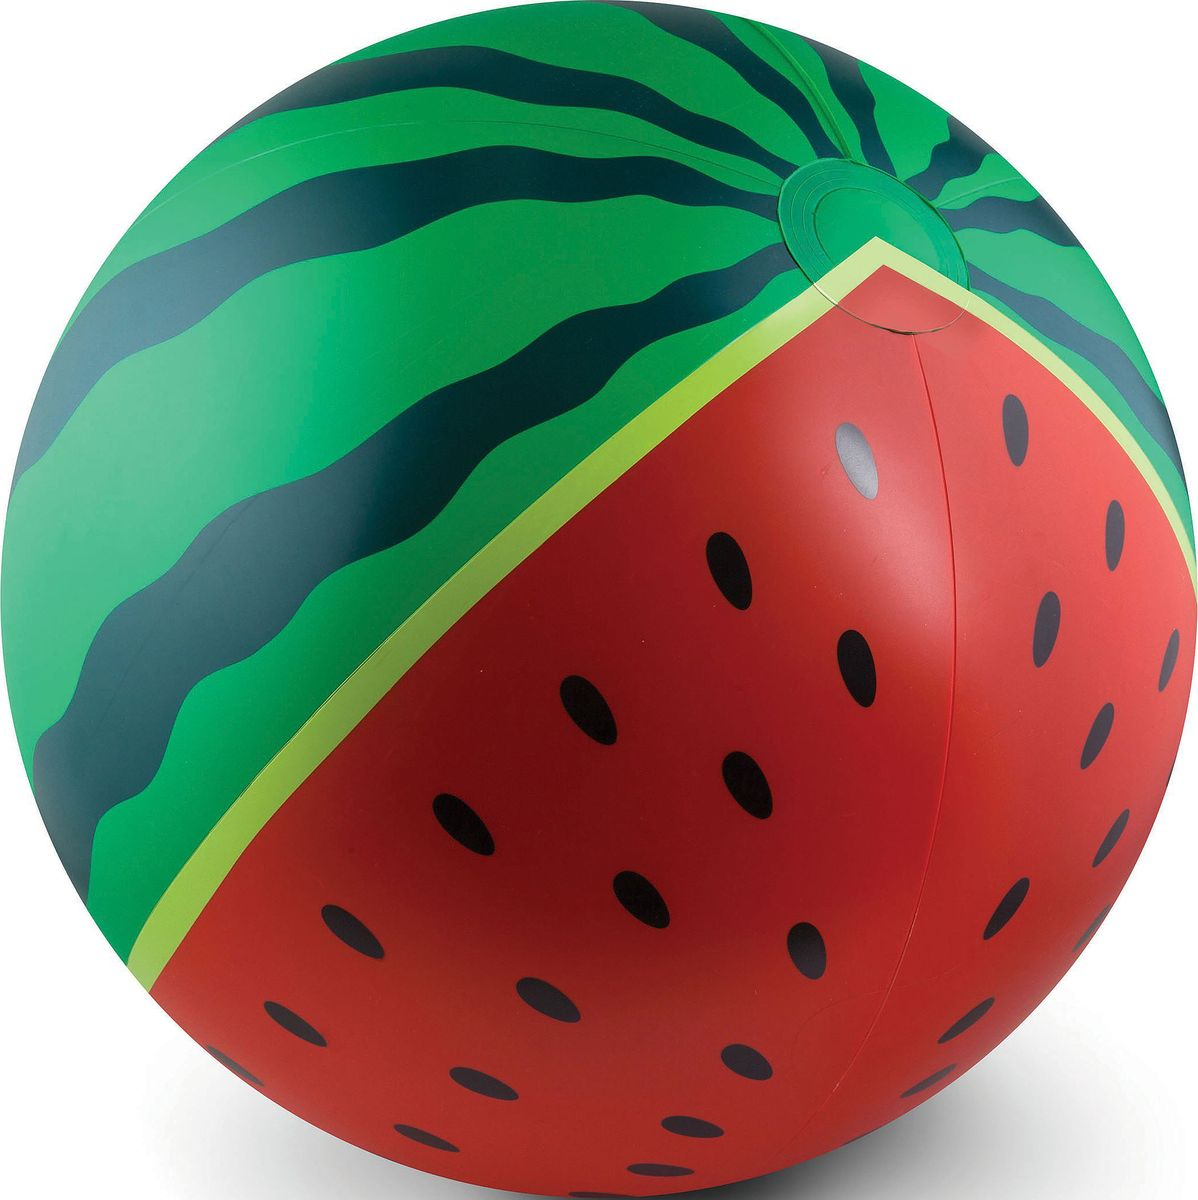 Мяч надувной BigMouth Watermelon, 46 смс59720_бирюзовый, синий, фиолетовый, розовыйС надувными мячами Big Mouth вы сможете снова окунуться в атмосферу беззаботного детства. Это яркие и незаурядные изделия для детей и взрослых, которые станут достойным украшением любой пляжной вечеринки. Порадуйте себя, своих родных и друзей, устроив веселые игры на свежем воздухе: у бассейна, речки, на пруду или на берегу моря. Это прекрасная возможность разнообразить летний отдых, активно провести время и подарить своим близким незабываемые эмоции. Изделия выполнены из особо прочного винила, за счет чего обладают повышенной прочностью и износостойкостью. Благодаря улучшенной технике печати они отлично переносят длительное воздействие ультрафиолета, не теряя яркость цветов. При производстве компания уделяет пристальное внимание качеству и безопасности плавательных аксессуаров, поэтому каждый продукт проходит тщательные проверки и испытания на прочность.